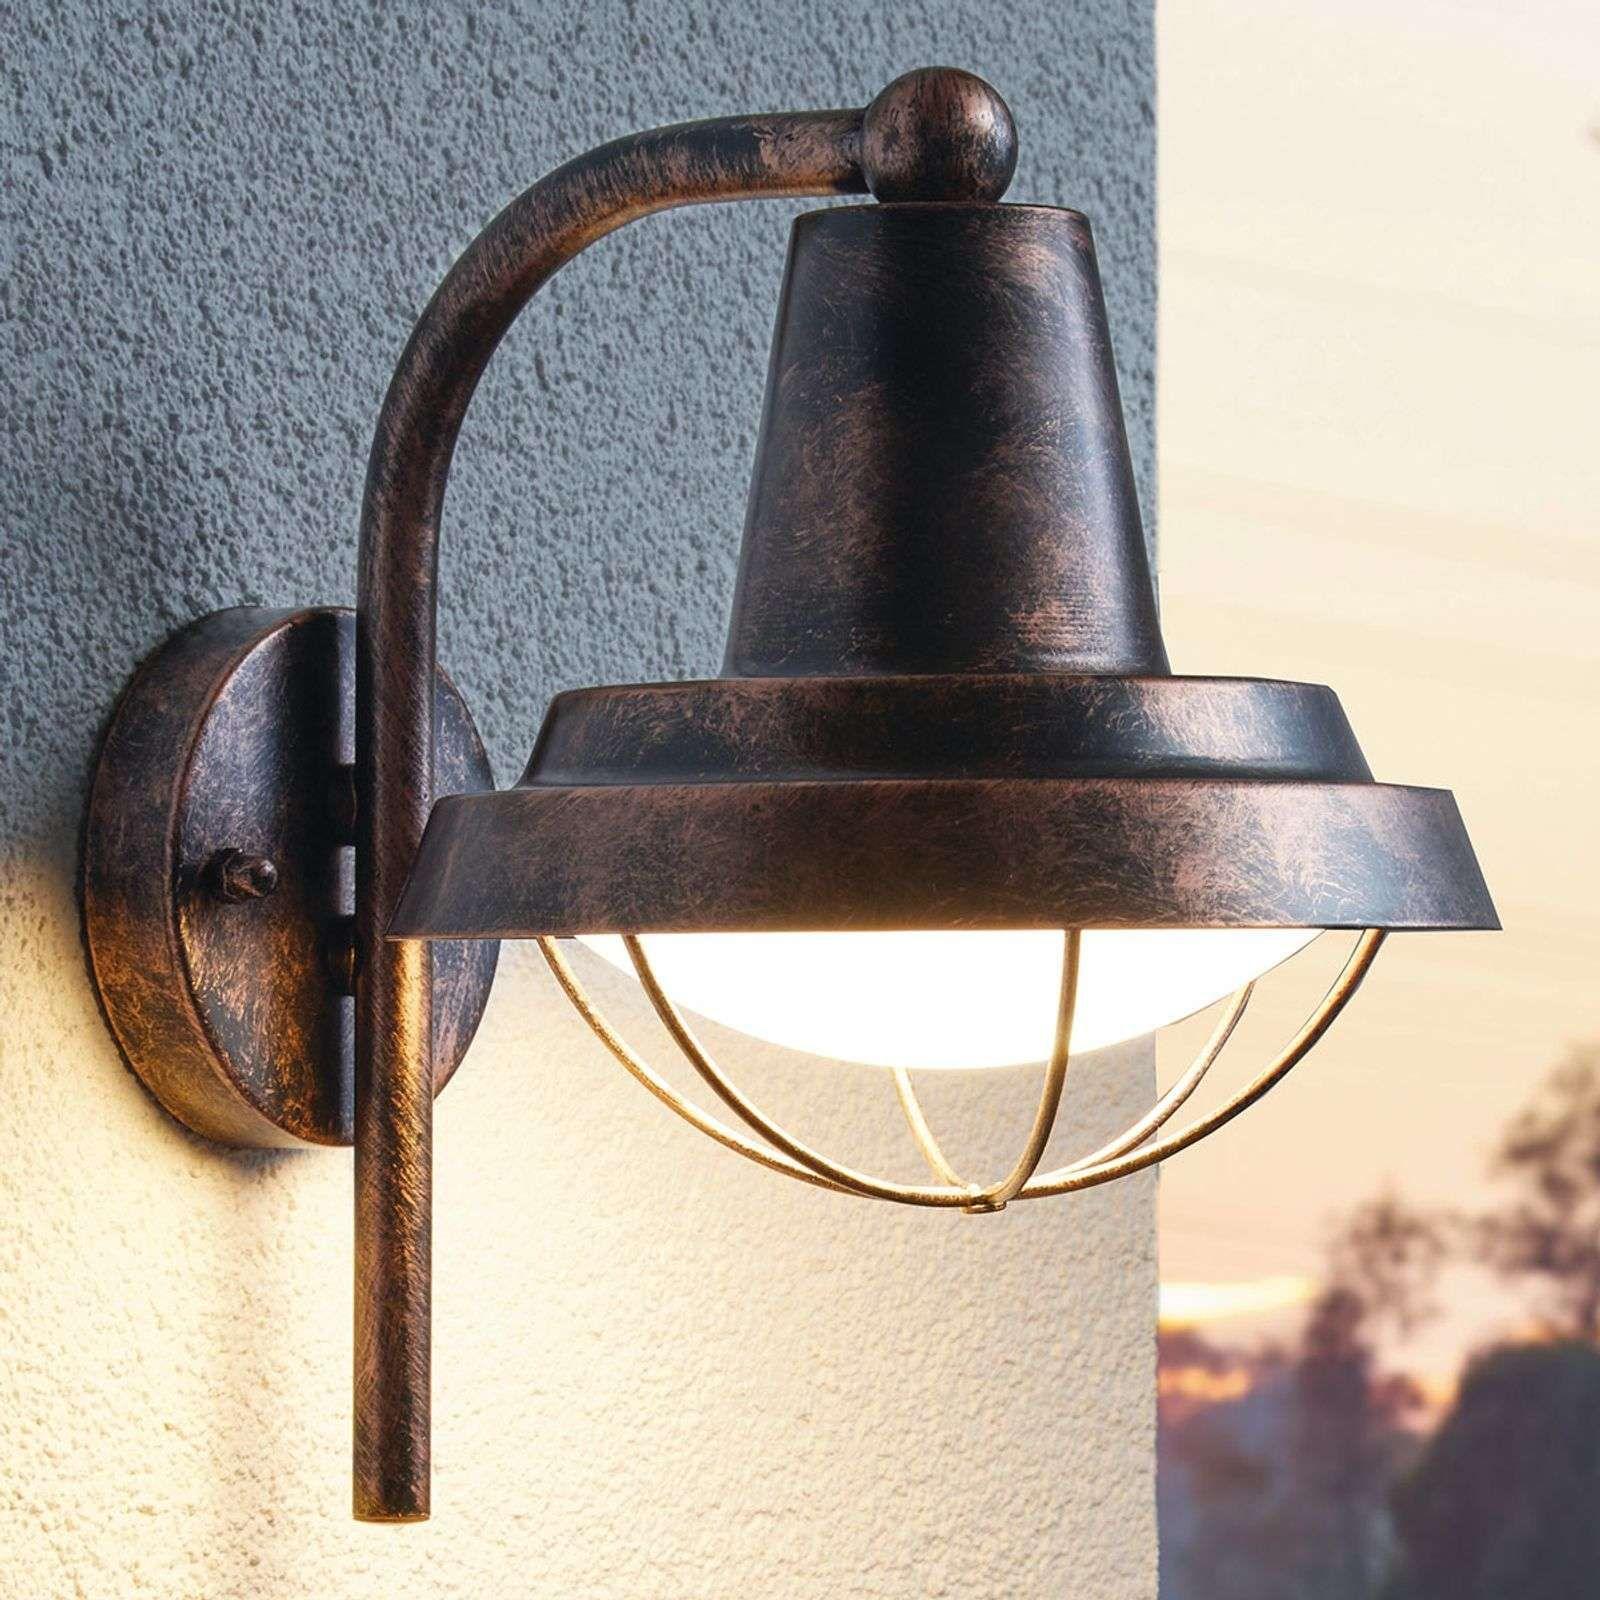 Lampen Für Draußen Ohne Strom